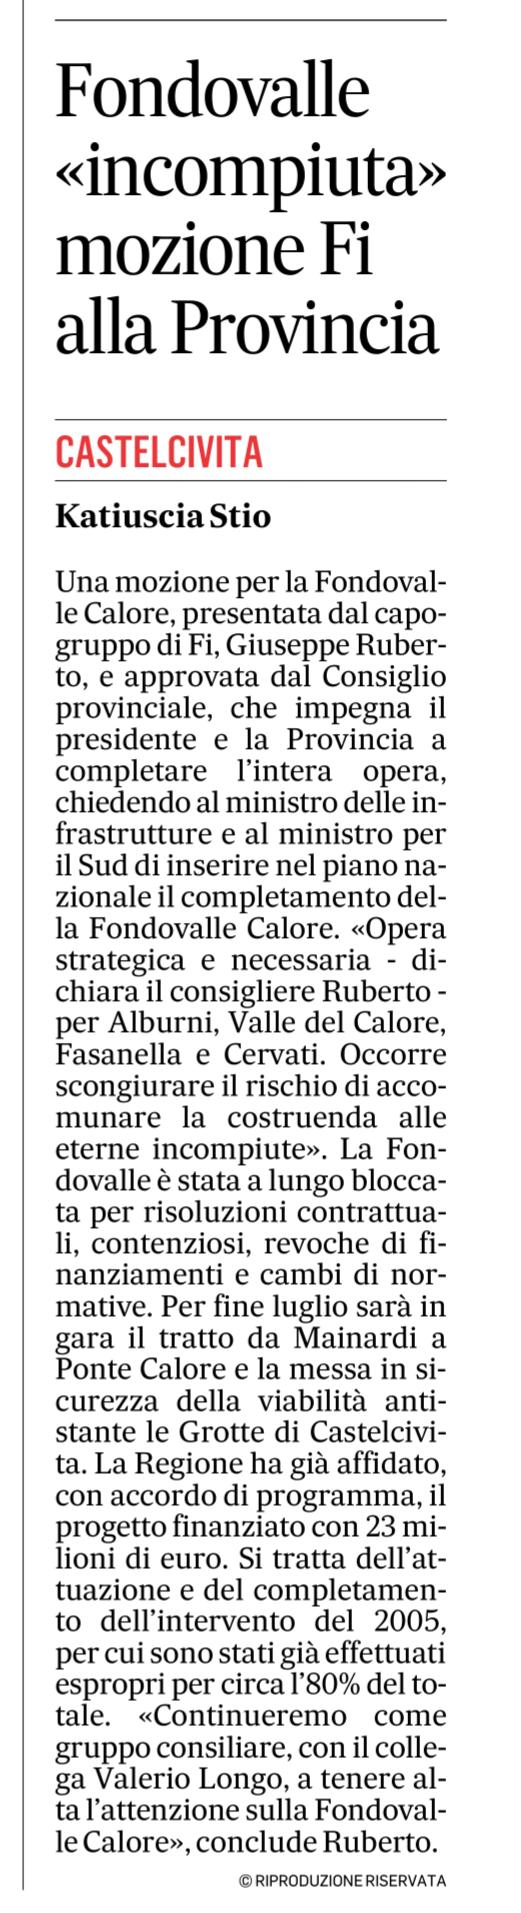 Fondovalle incompiuta, interrogazione in Provincia di Salerno